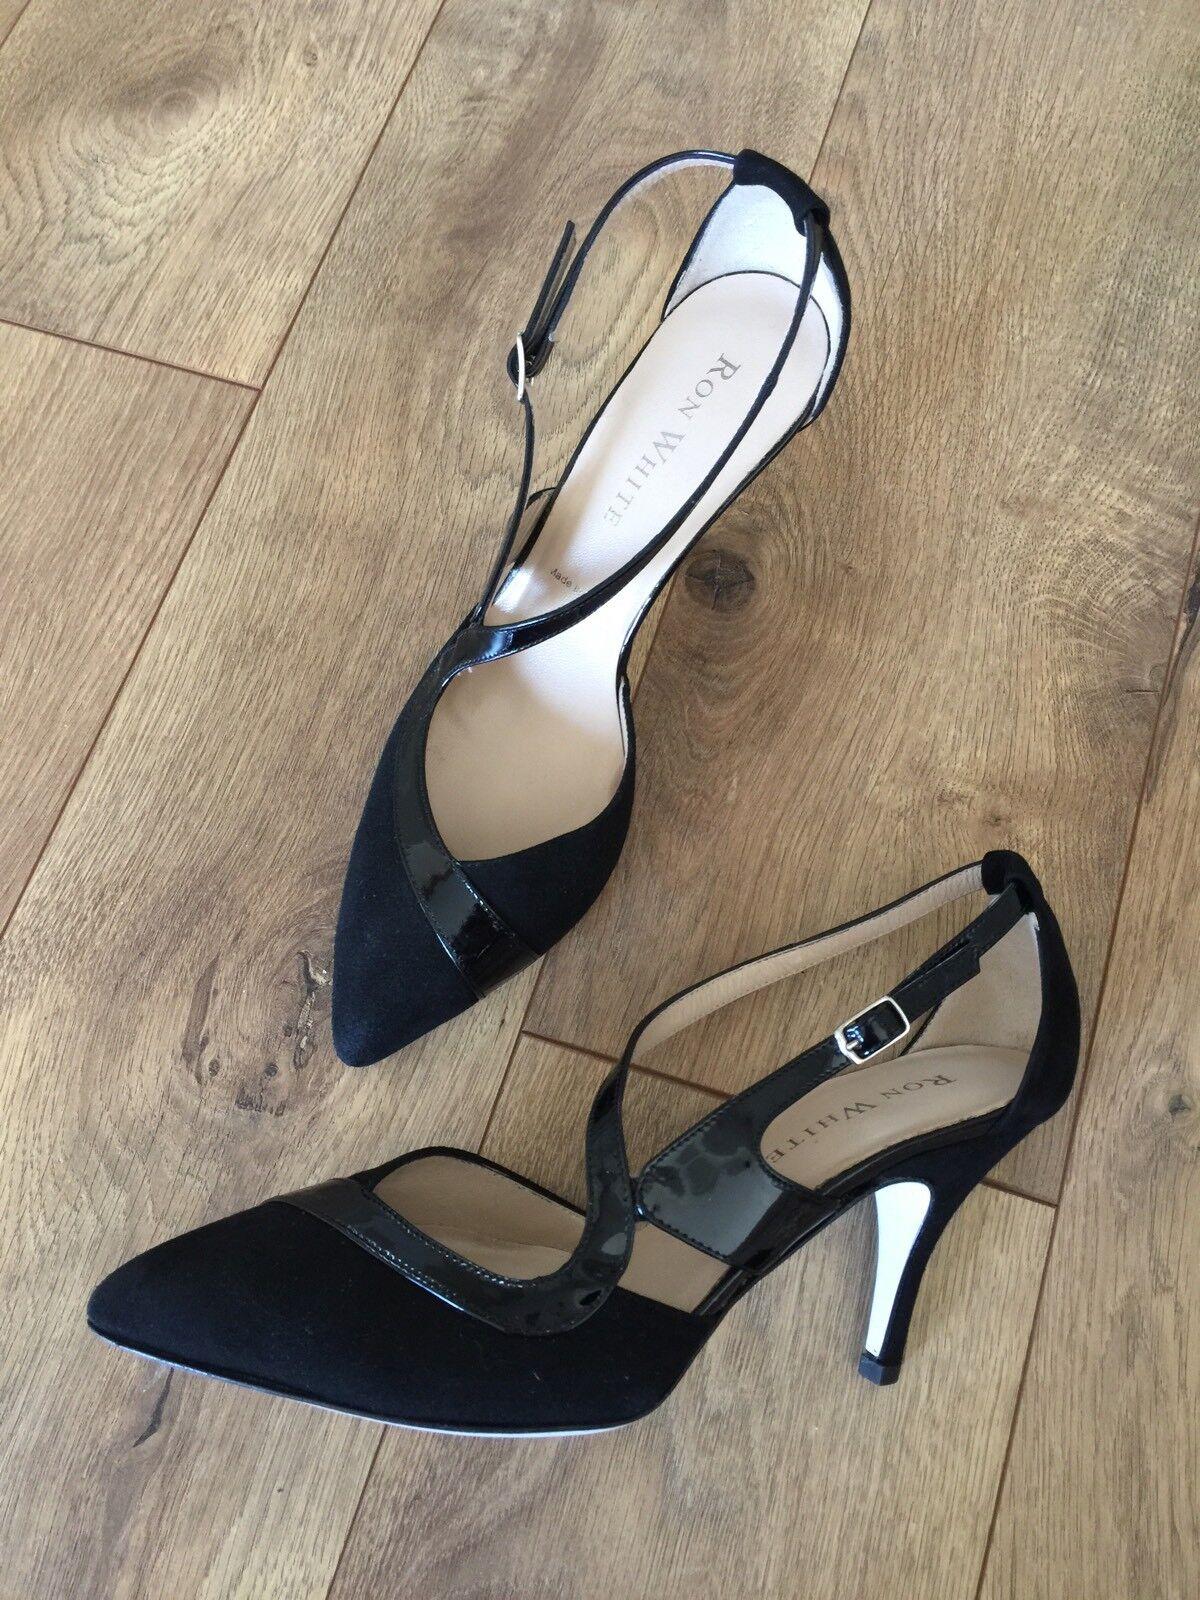 Nuevo  495 495 495 Ron blancoo Cashmere Gamuza Cuero Patente Tacón Alto Zapatos De Salón 36.5 US 6  ventas al por mayor